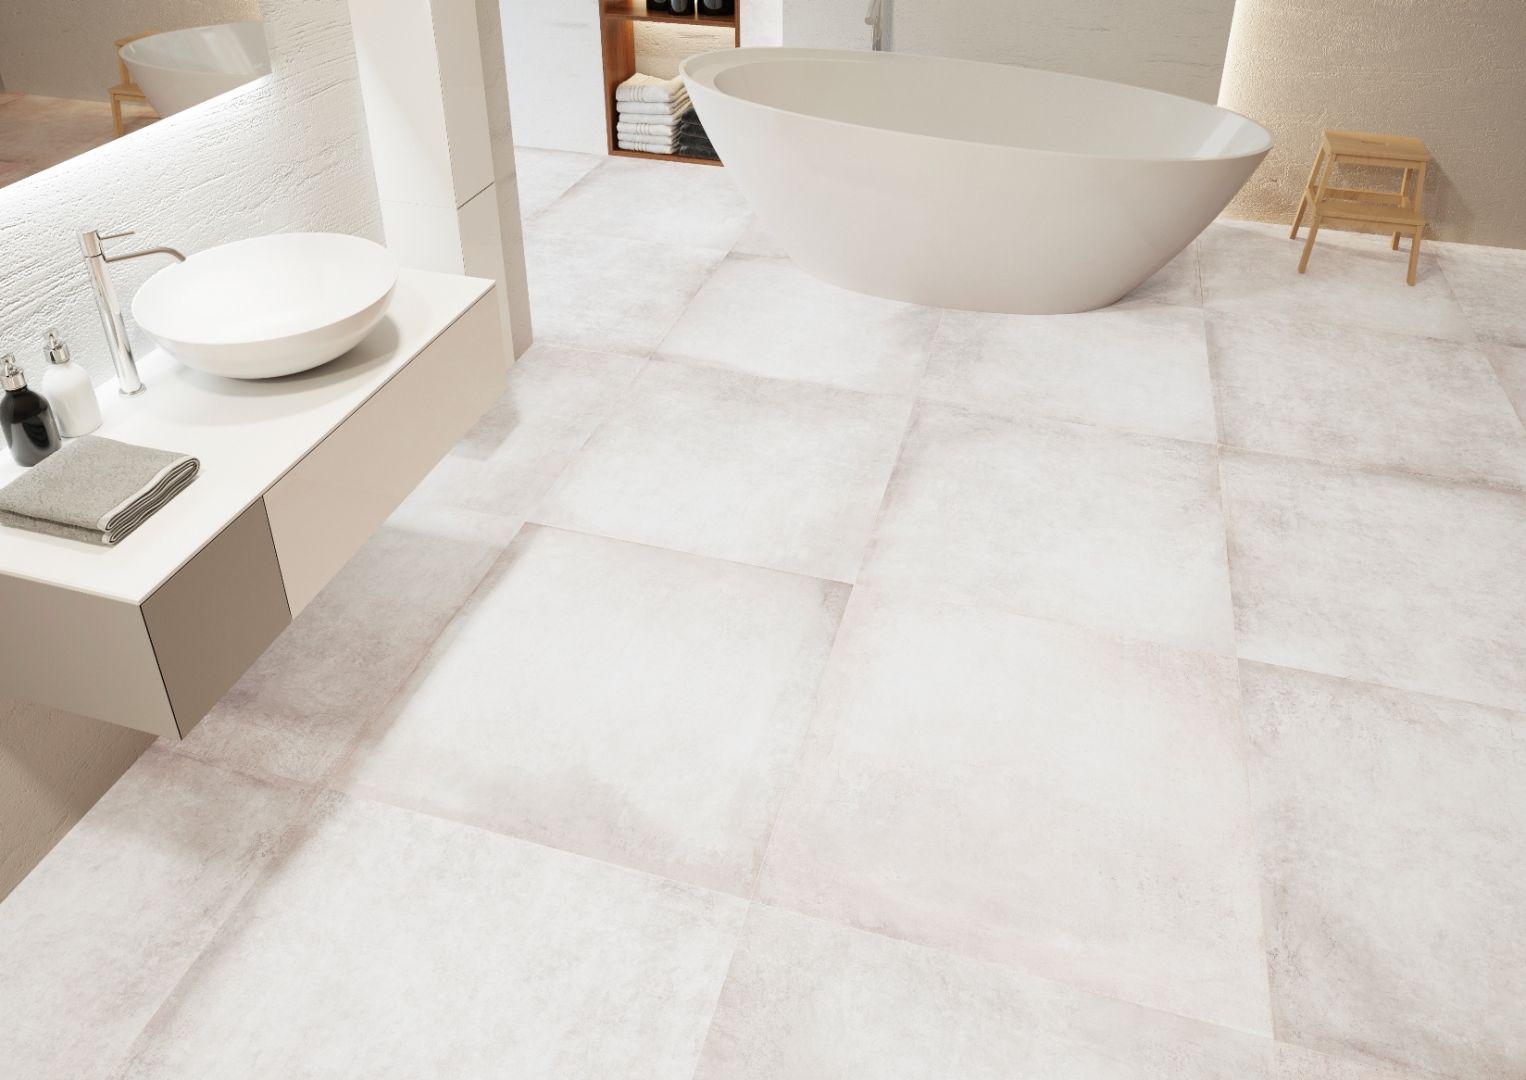 Nowoczesna łazienka total look - wybieramy kolor. Kolekcja lukka bianco. Fot. Cerrad